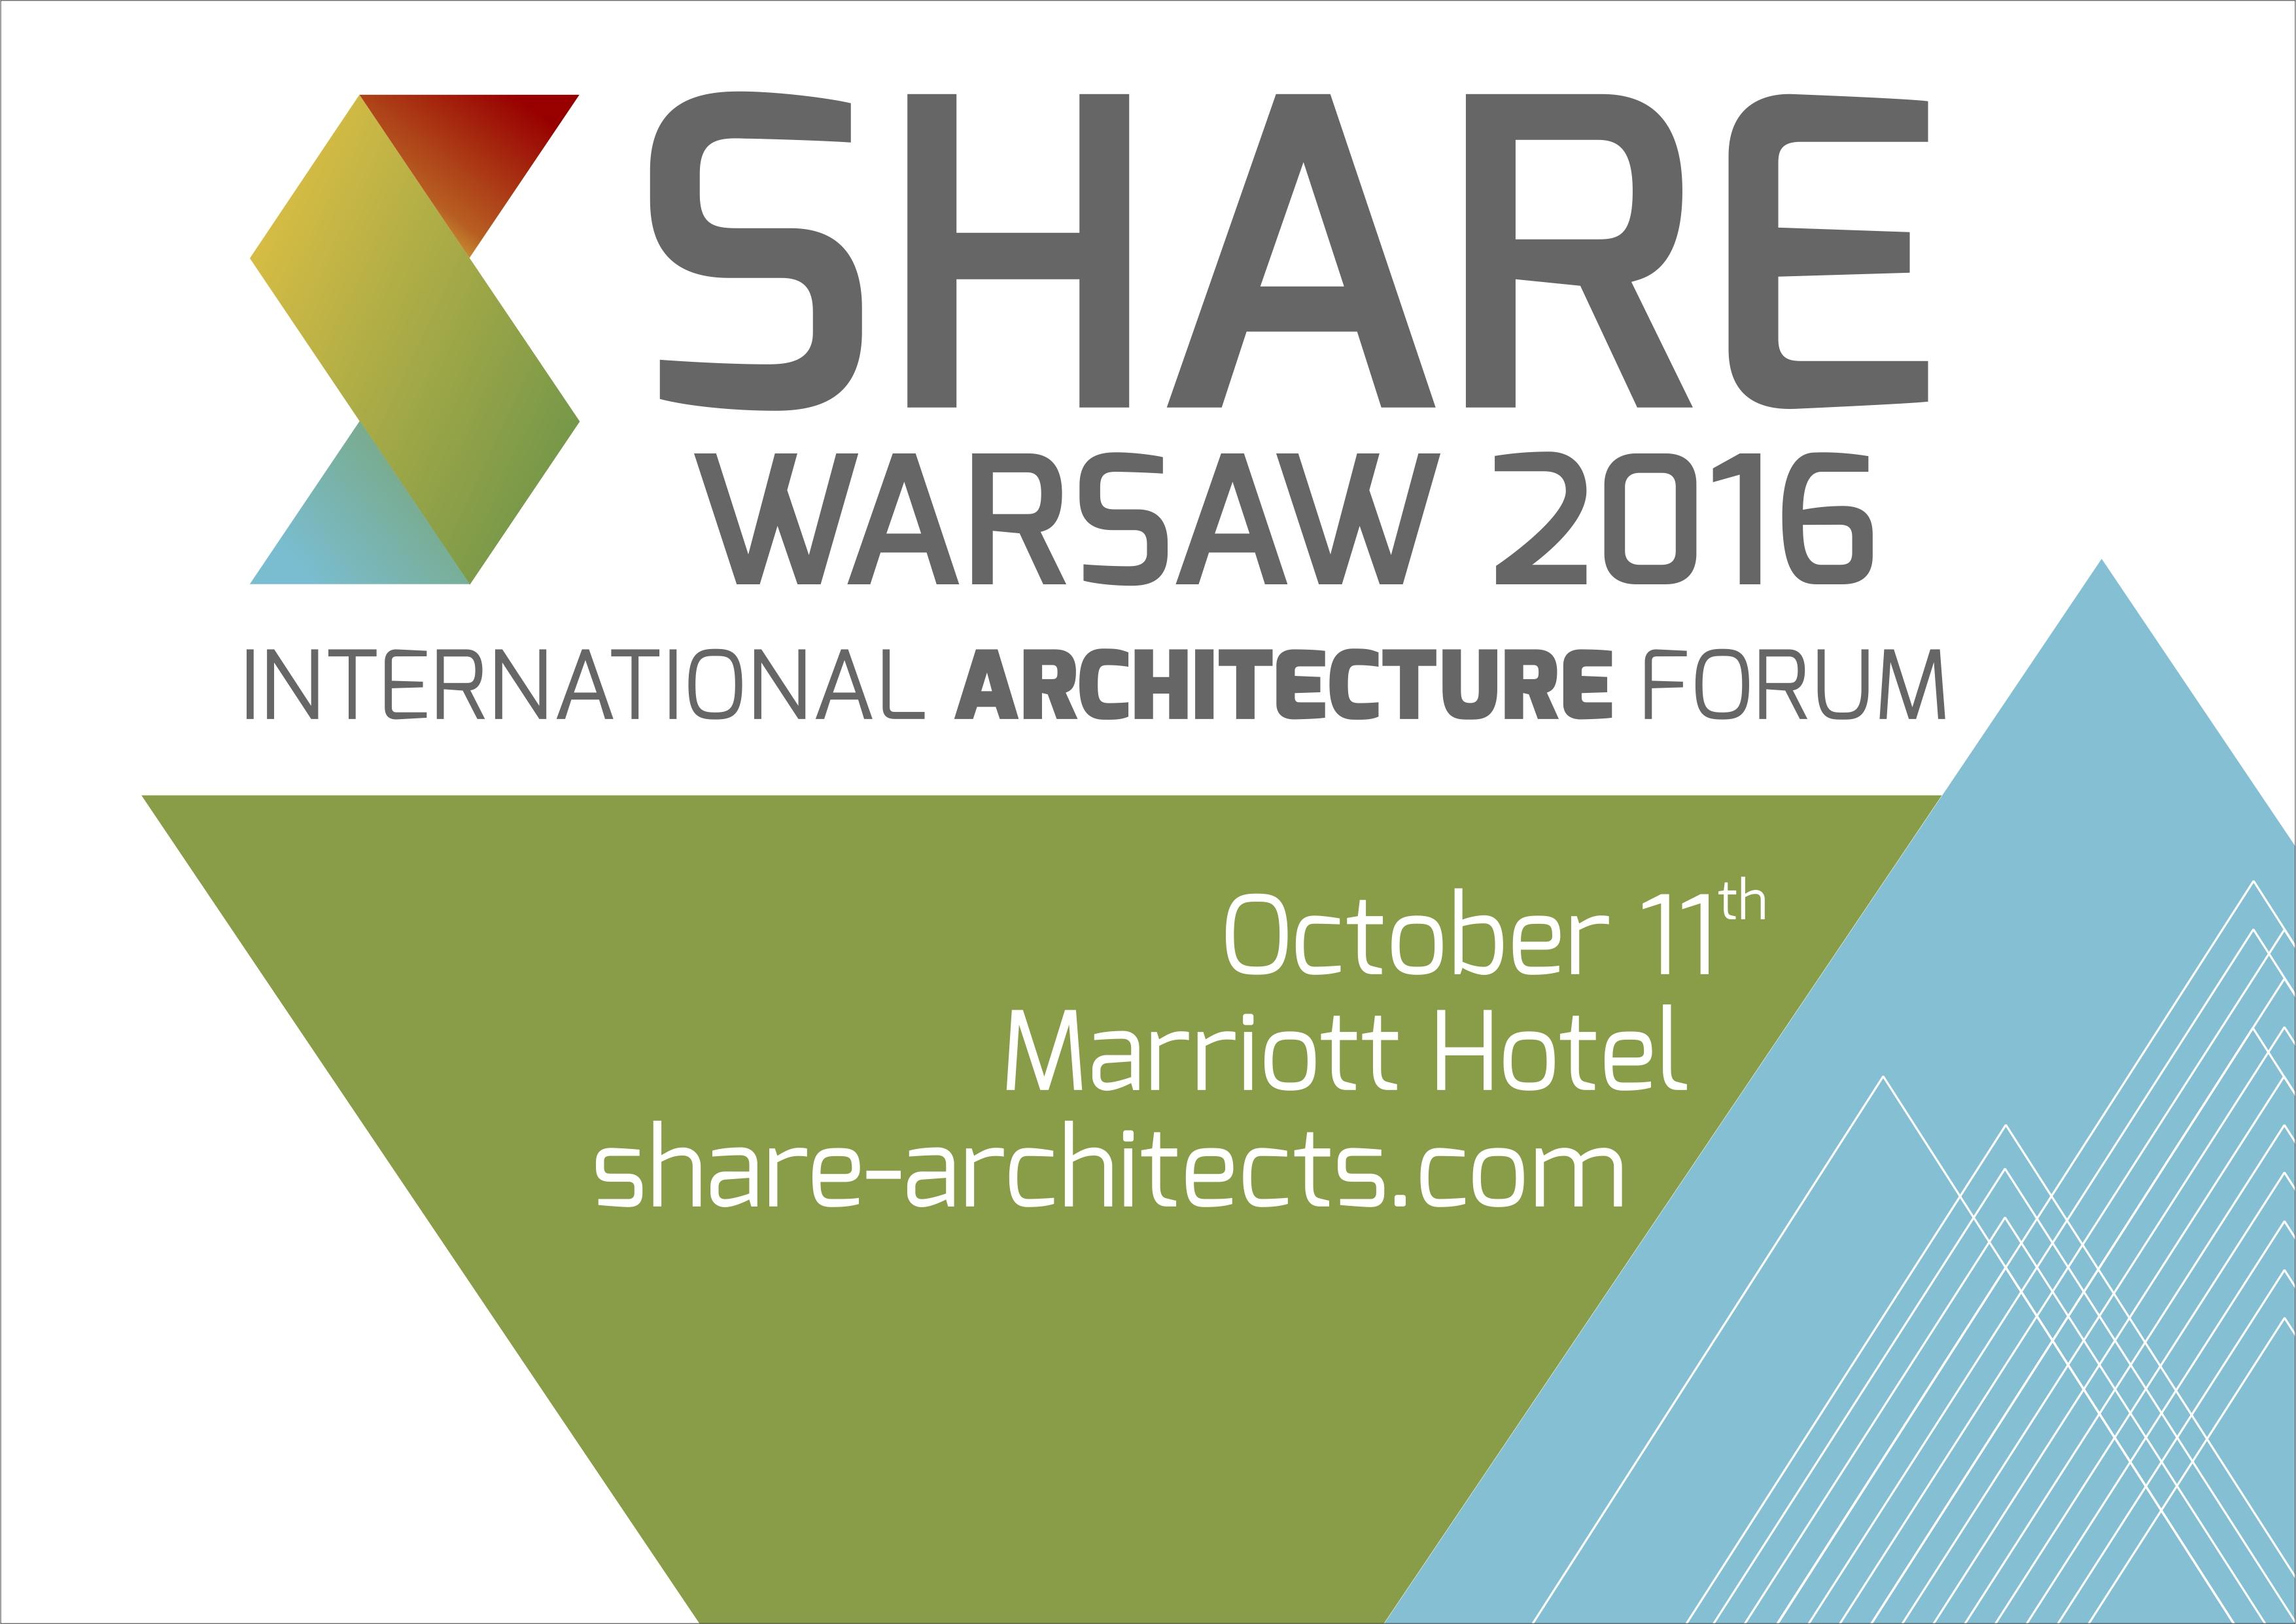 MIĘDZYNARODOWE FORUM ARCHITEKTURY SHARE WARSZAWA 2016